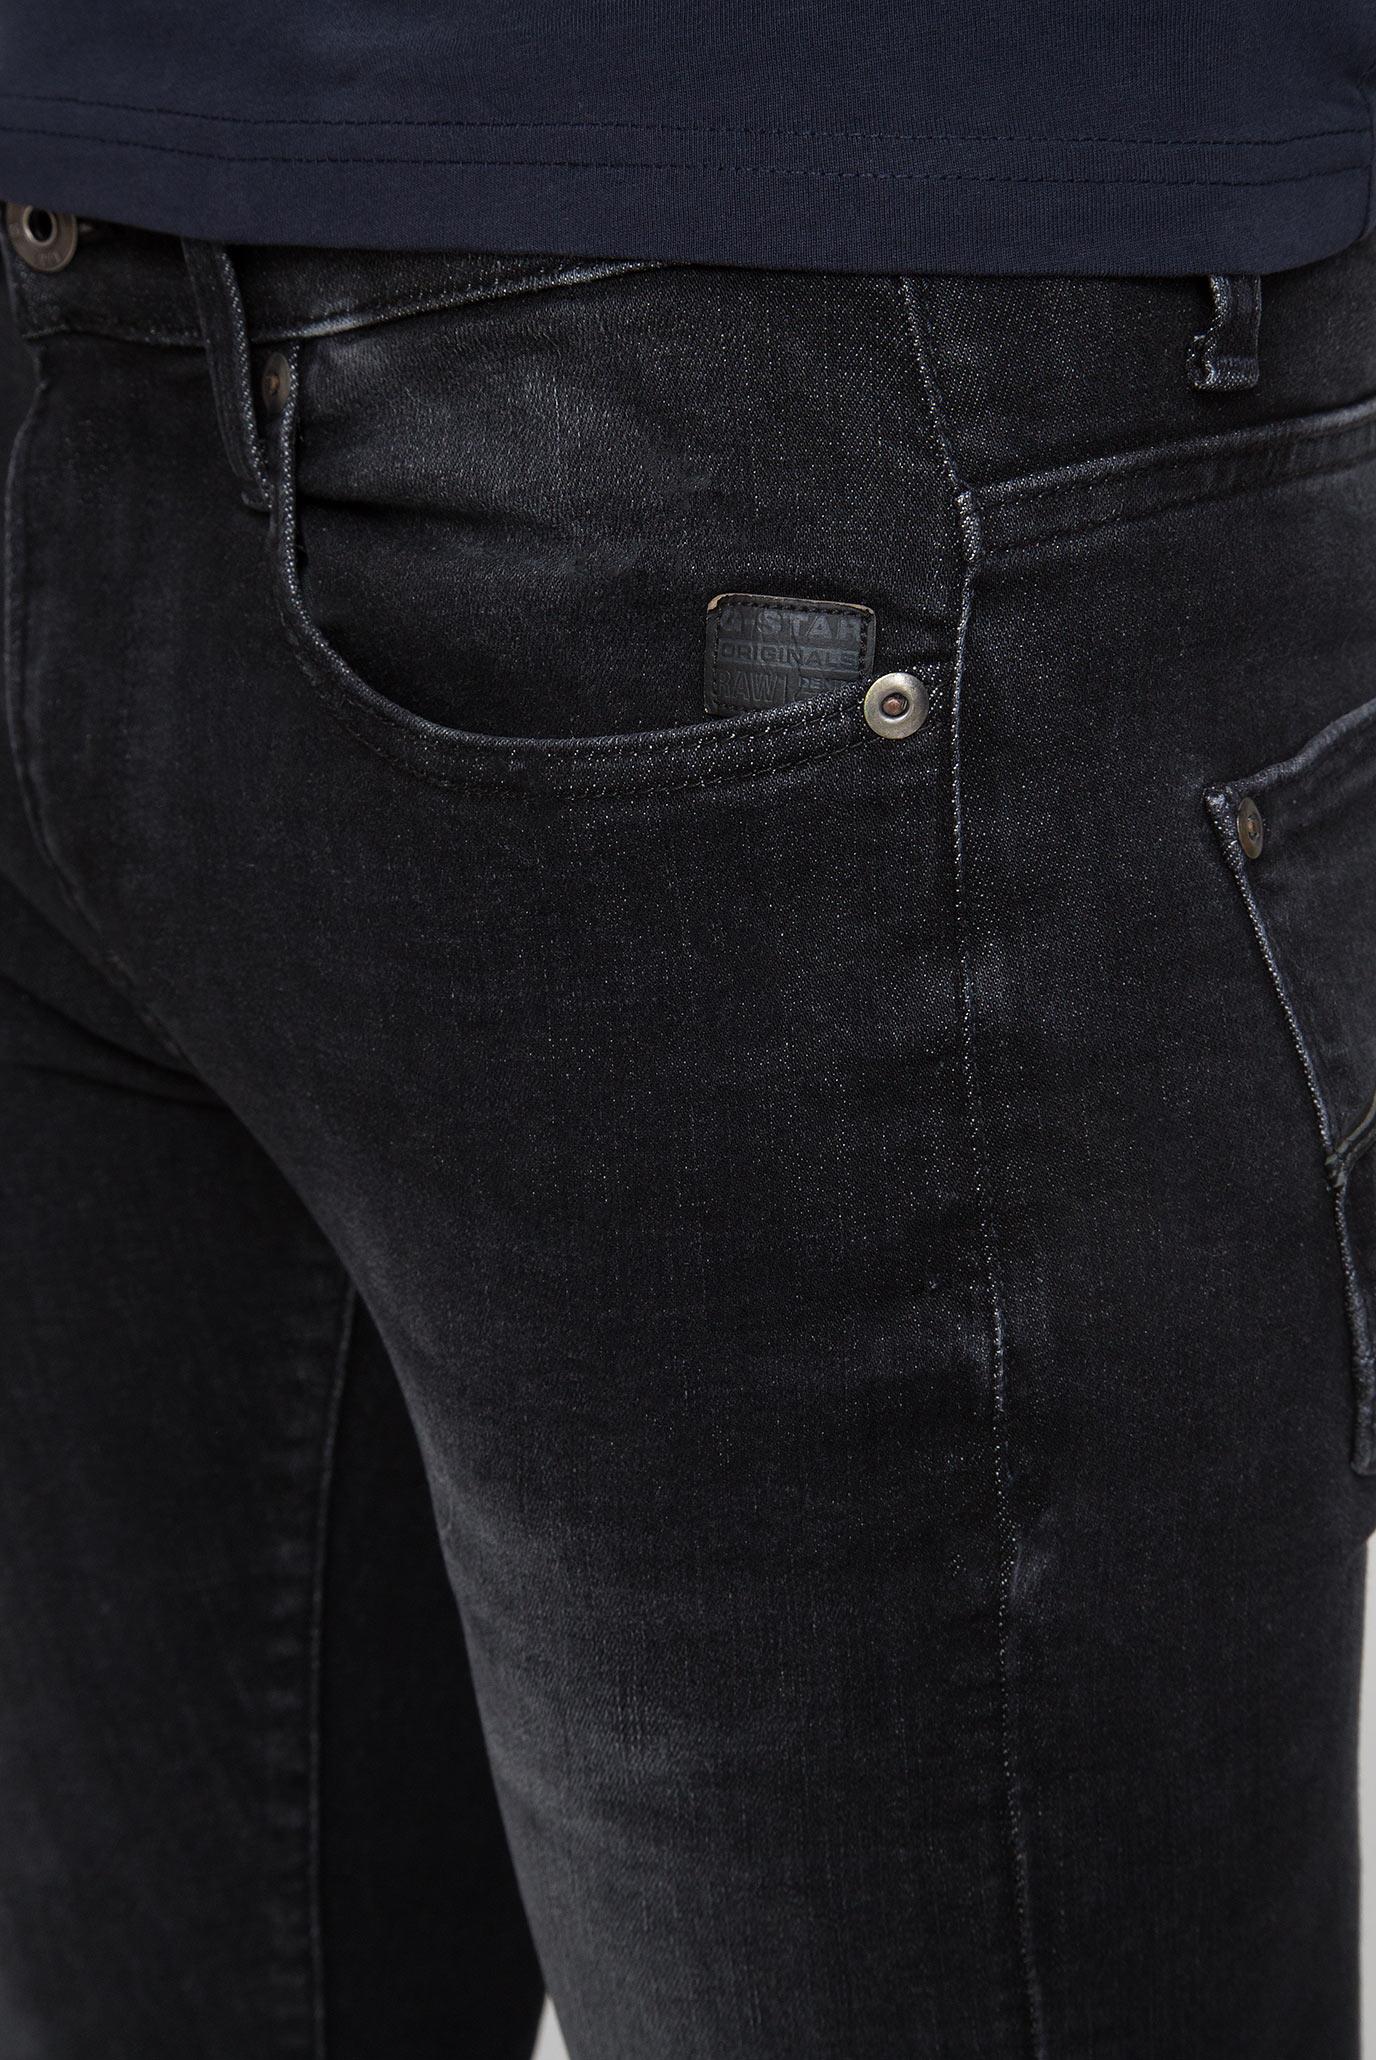 Купить Мужские черные джинсы Revend Skinny G-Star RAW G-Star RAW 51010,A634 – Киев, Украина. Цены в интернет магазине MD Fashion